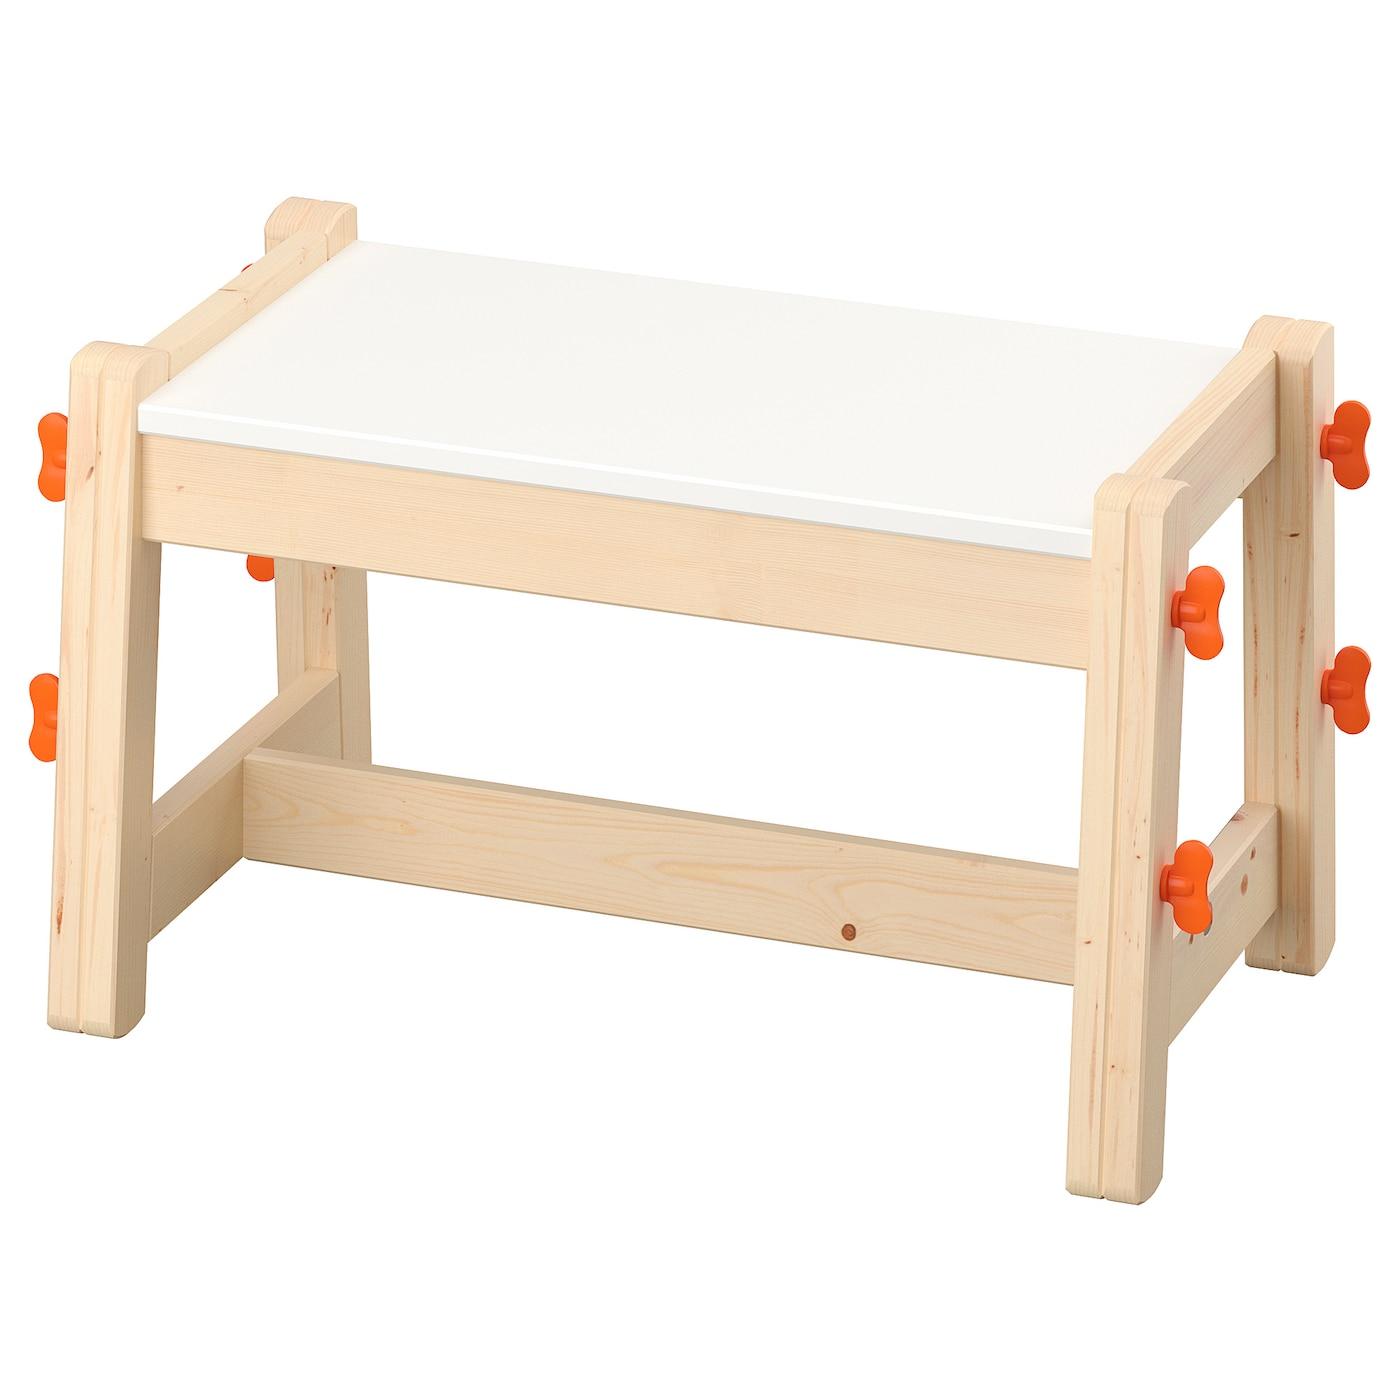 FLISAT Barnskrivbord, ställbar IKEA